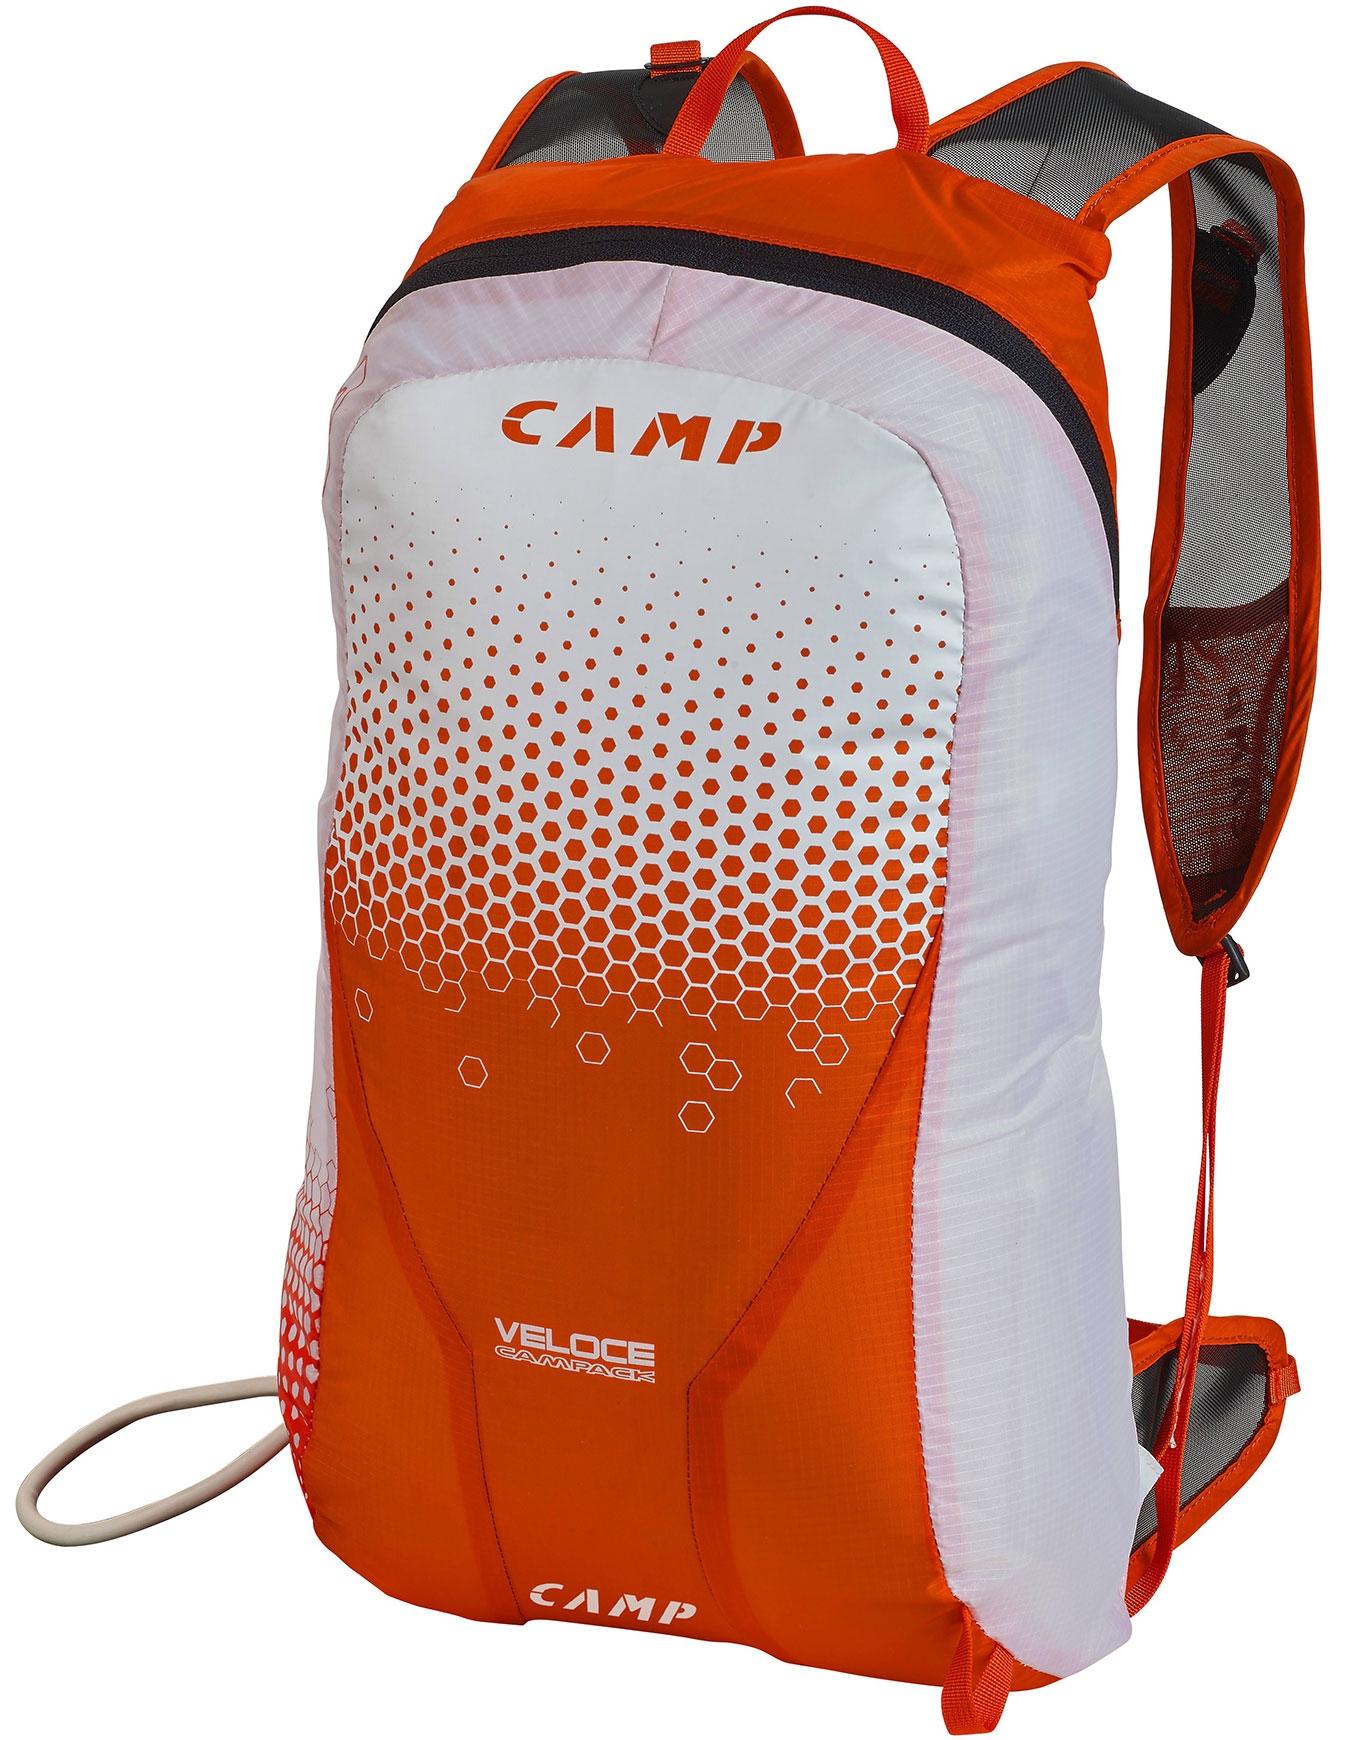 White Dos Orange À CampSacs Snowleader Veloce 3LqRSc5A4j